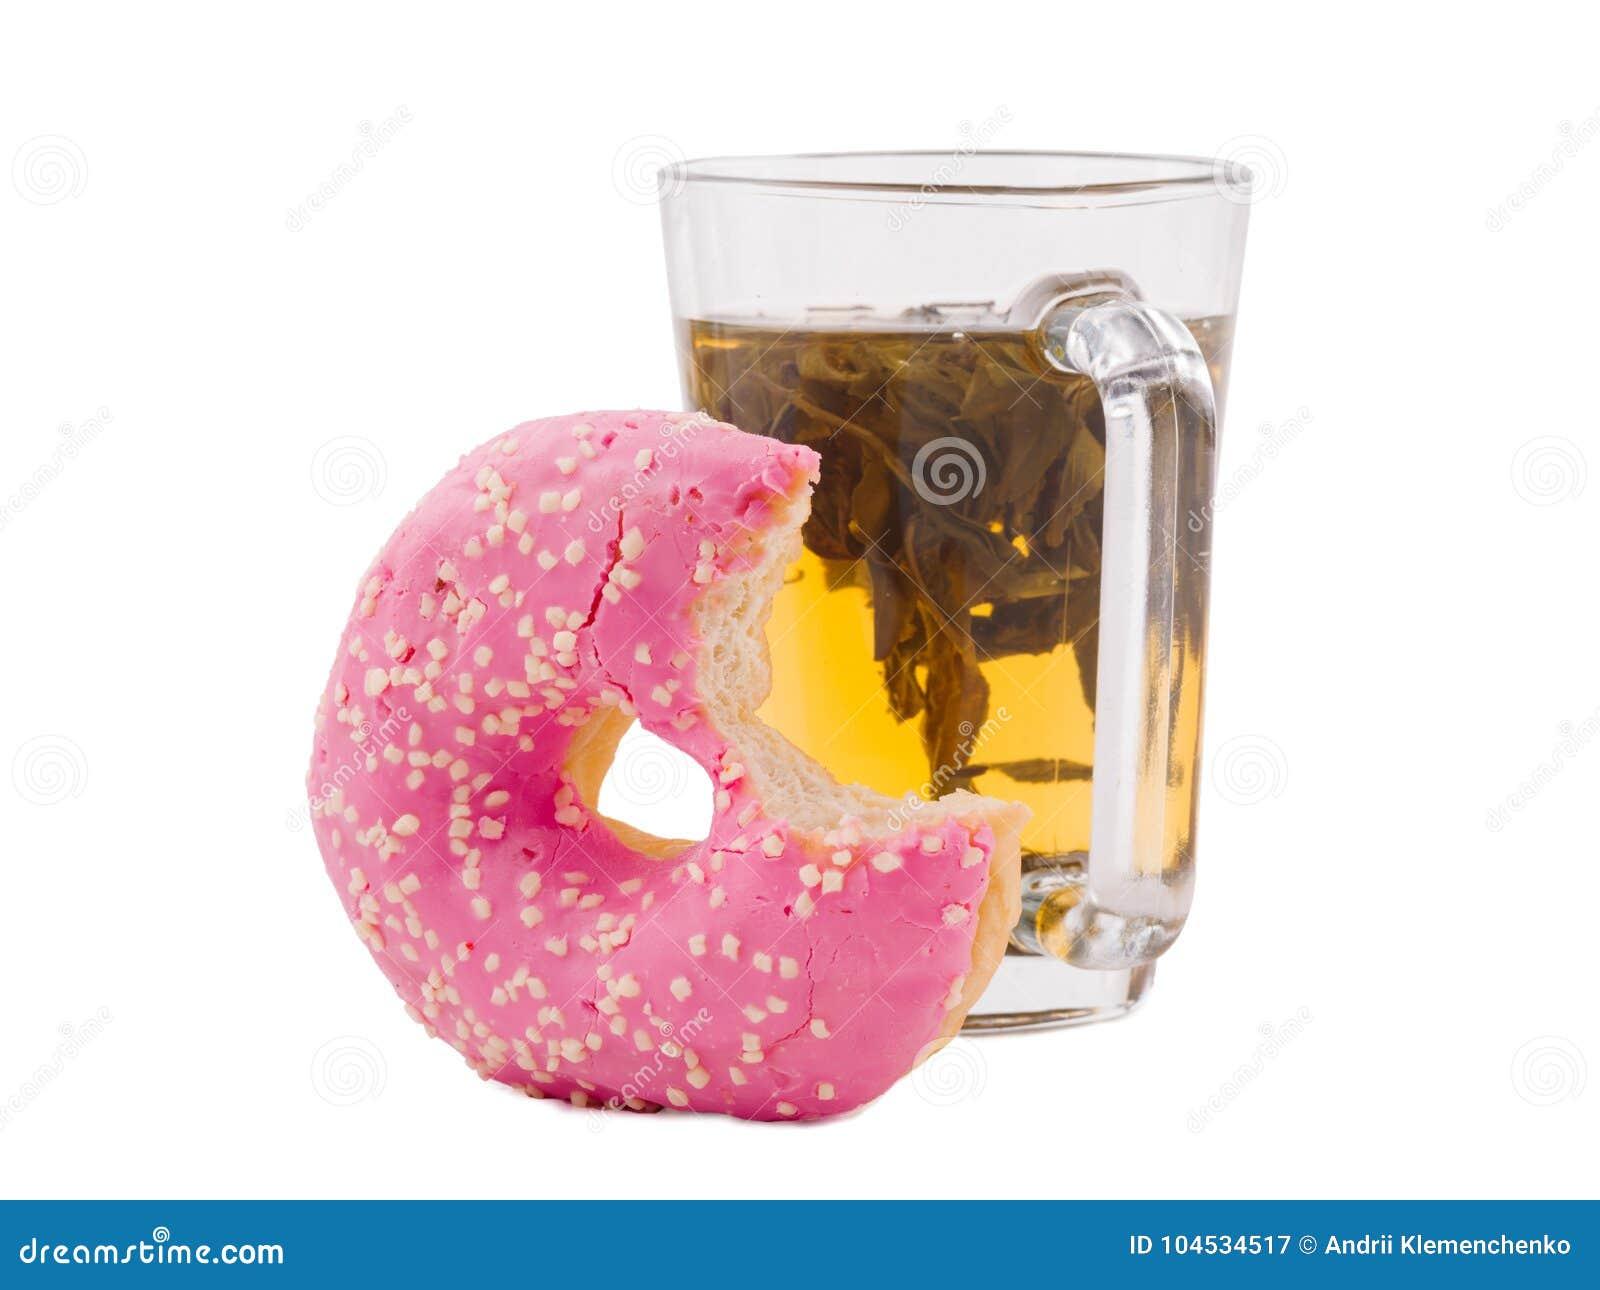 Doughnut die met een kop thee op een wit geïsoleerde achtergrond wordt gebeten